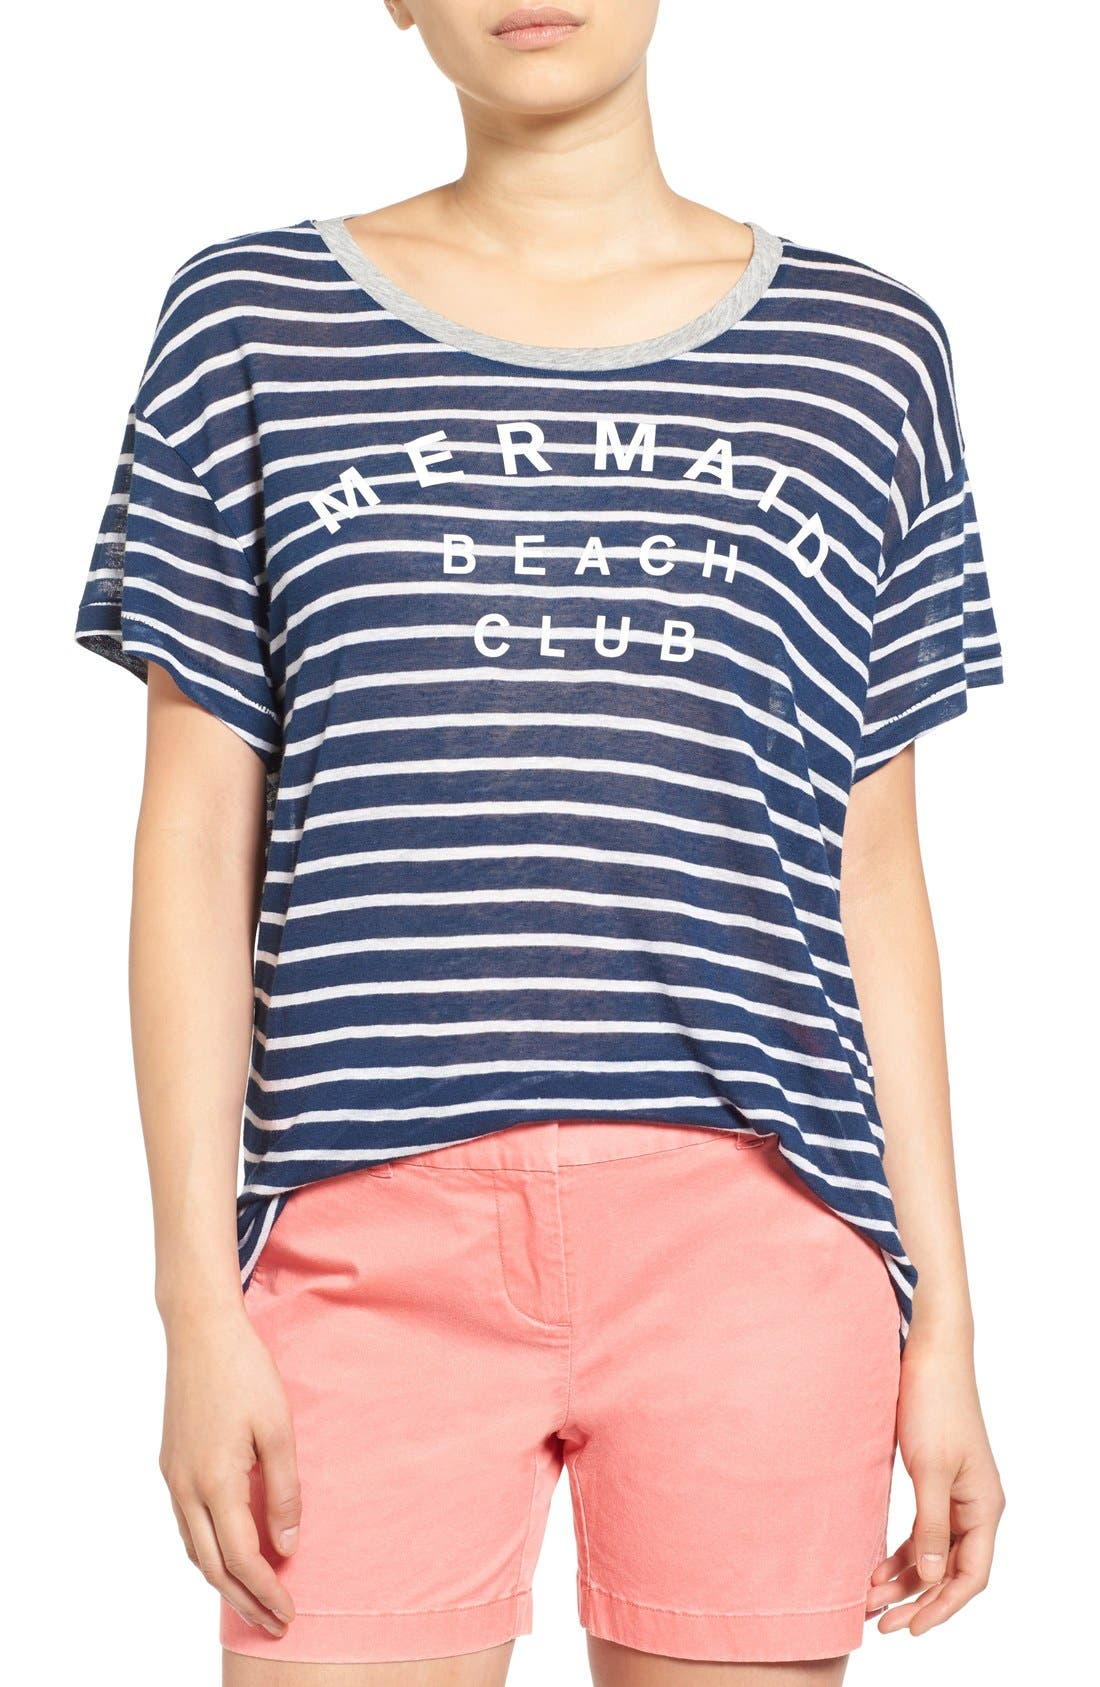 Alternate Image 1 Selected - Sundry 'Mermaid Club' Stripe Tee